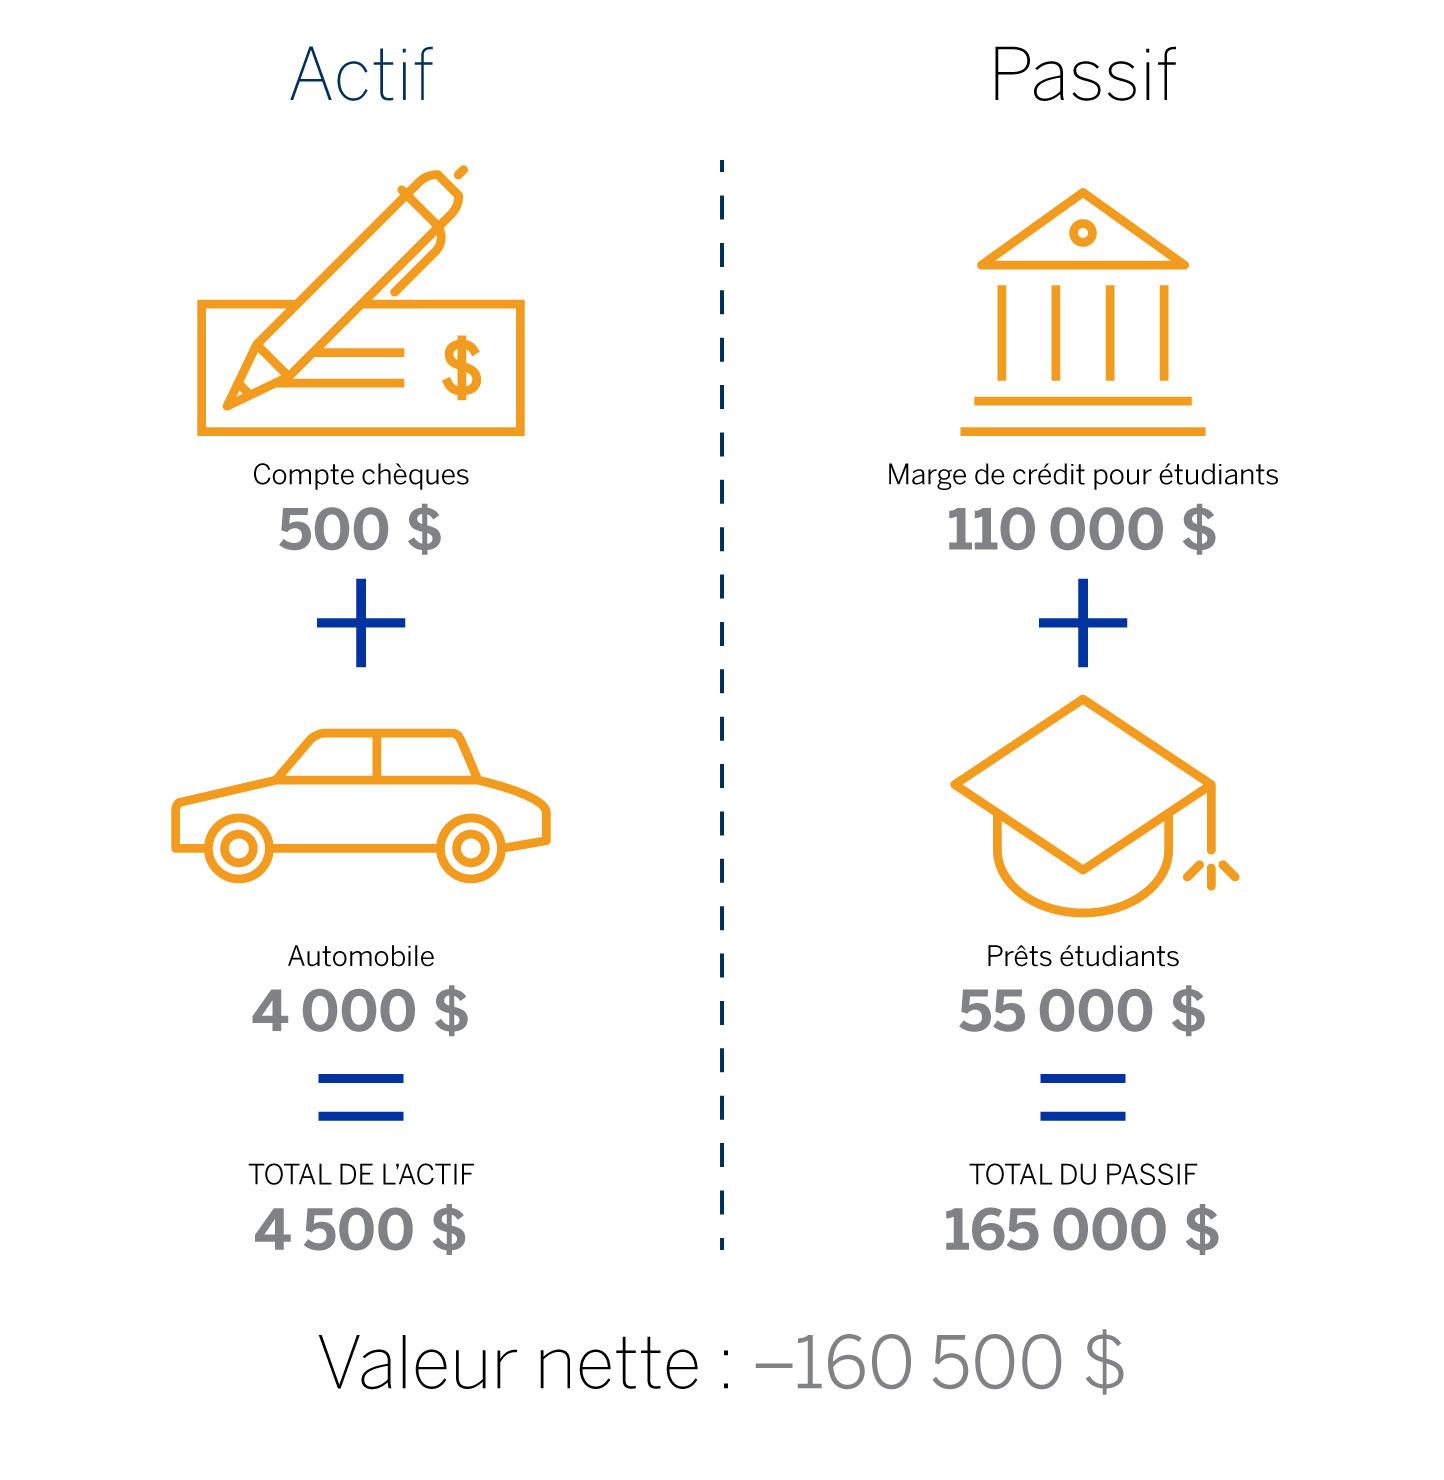 Un comparatif illustré de l'actif (compte chèques, automobile) et du passif (marge de crédit pour étudiants, prêts étudiants) suivi de la valeur nette